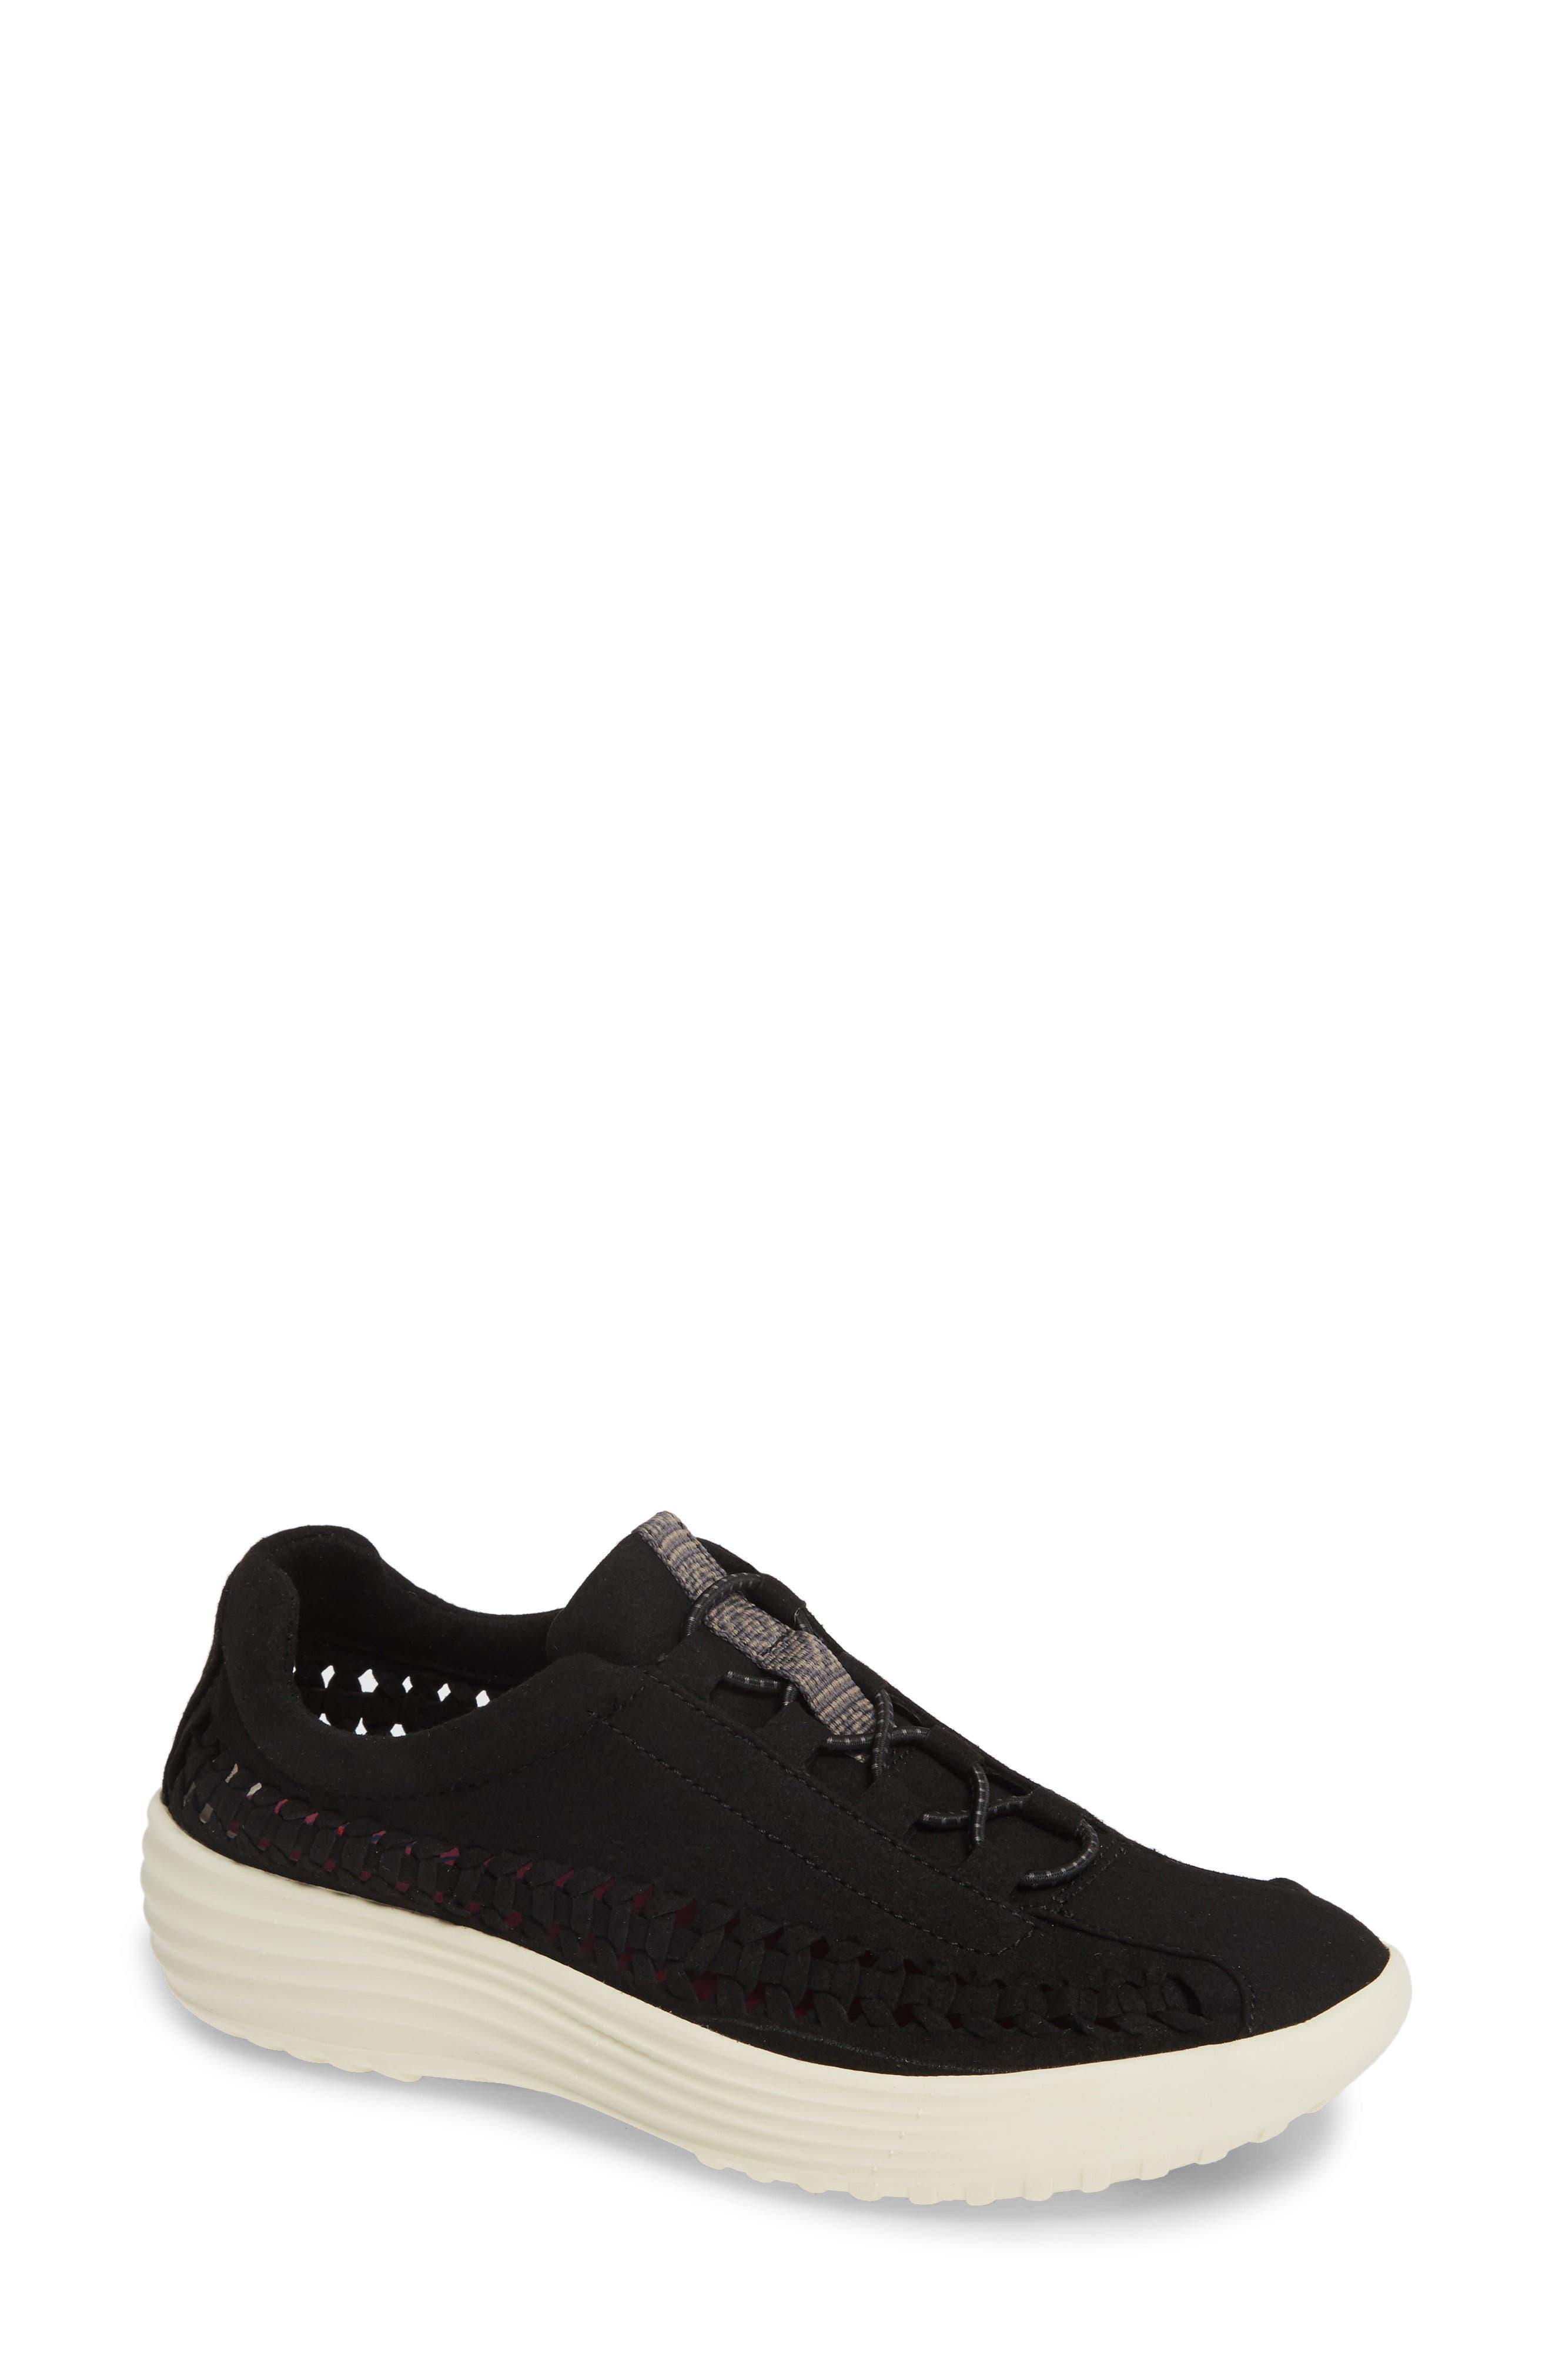 Bionica Marea Slip-On Sneaker- Black